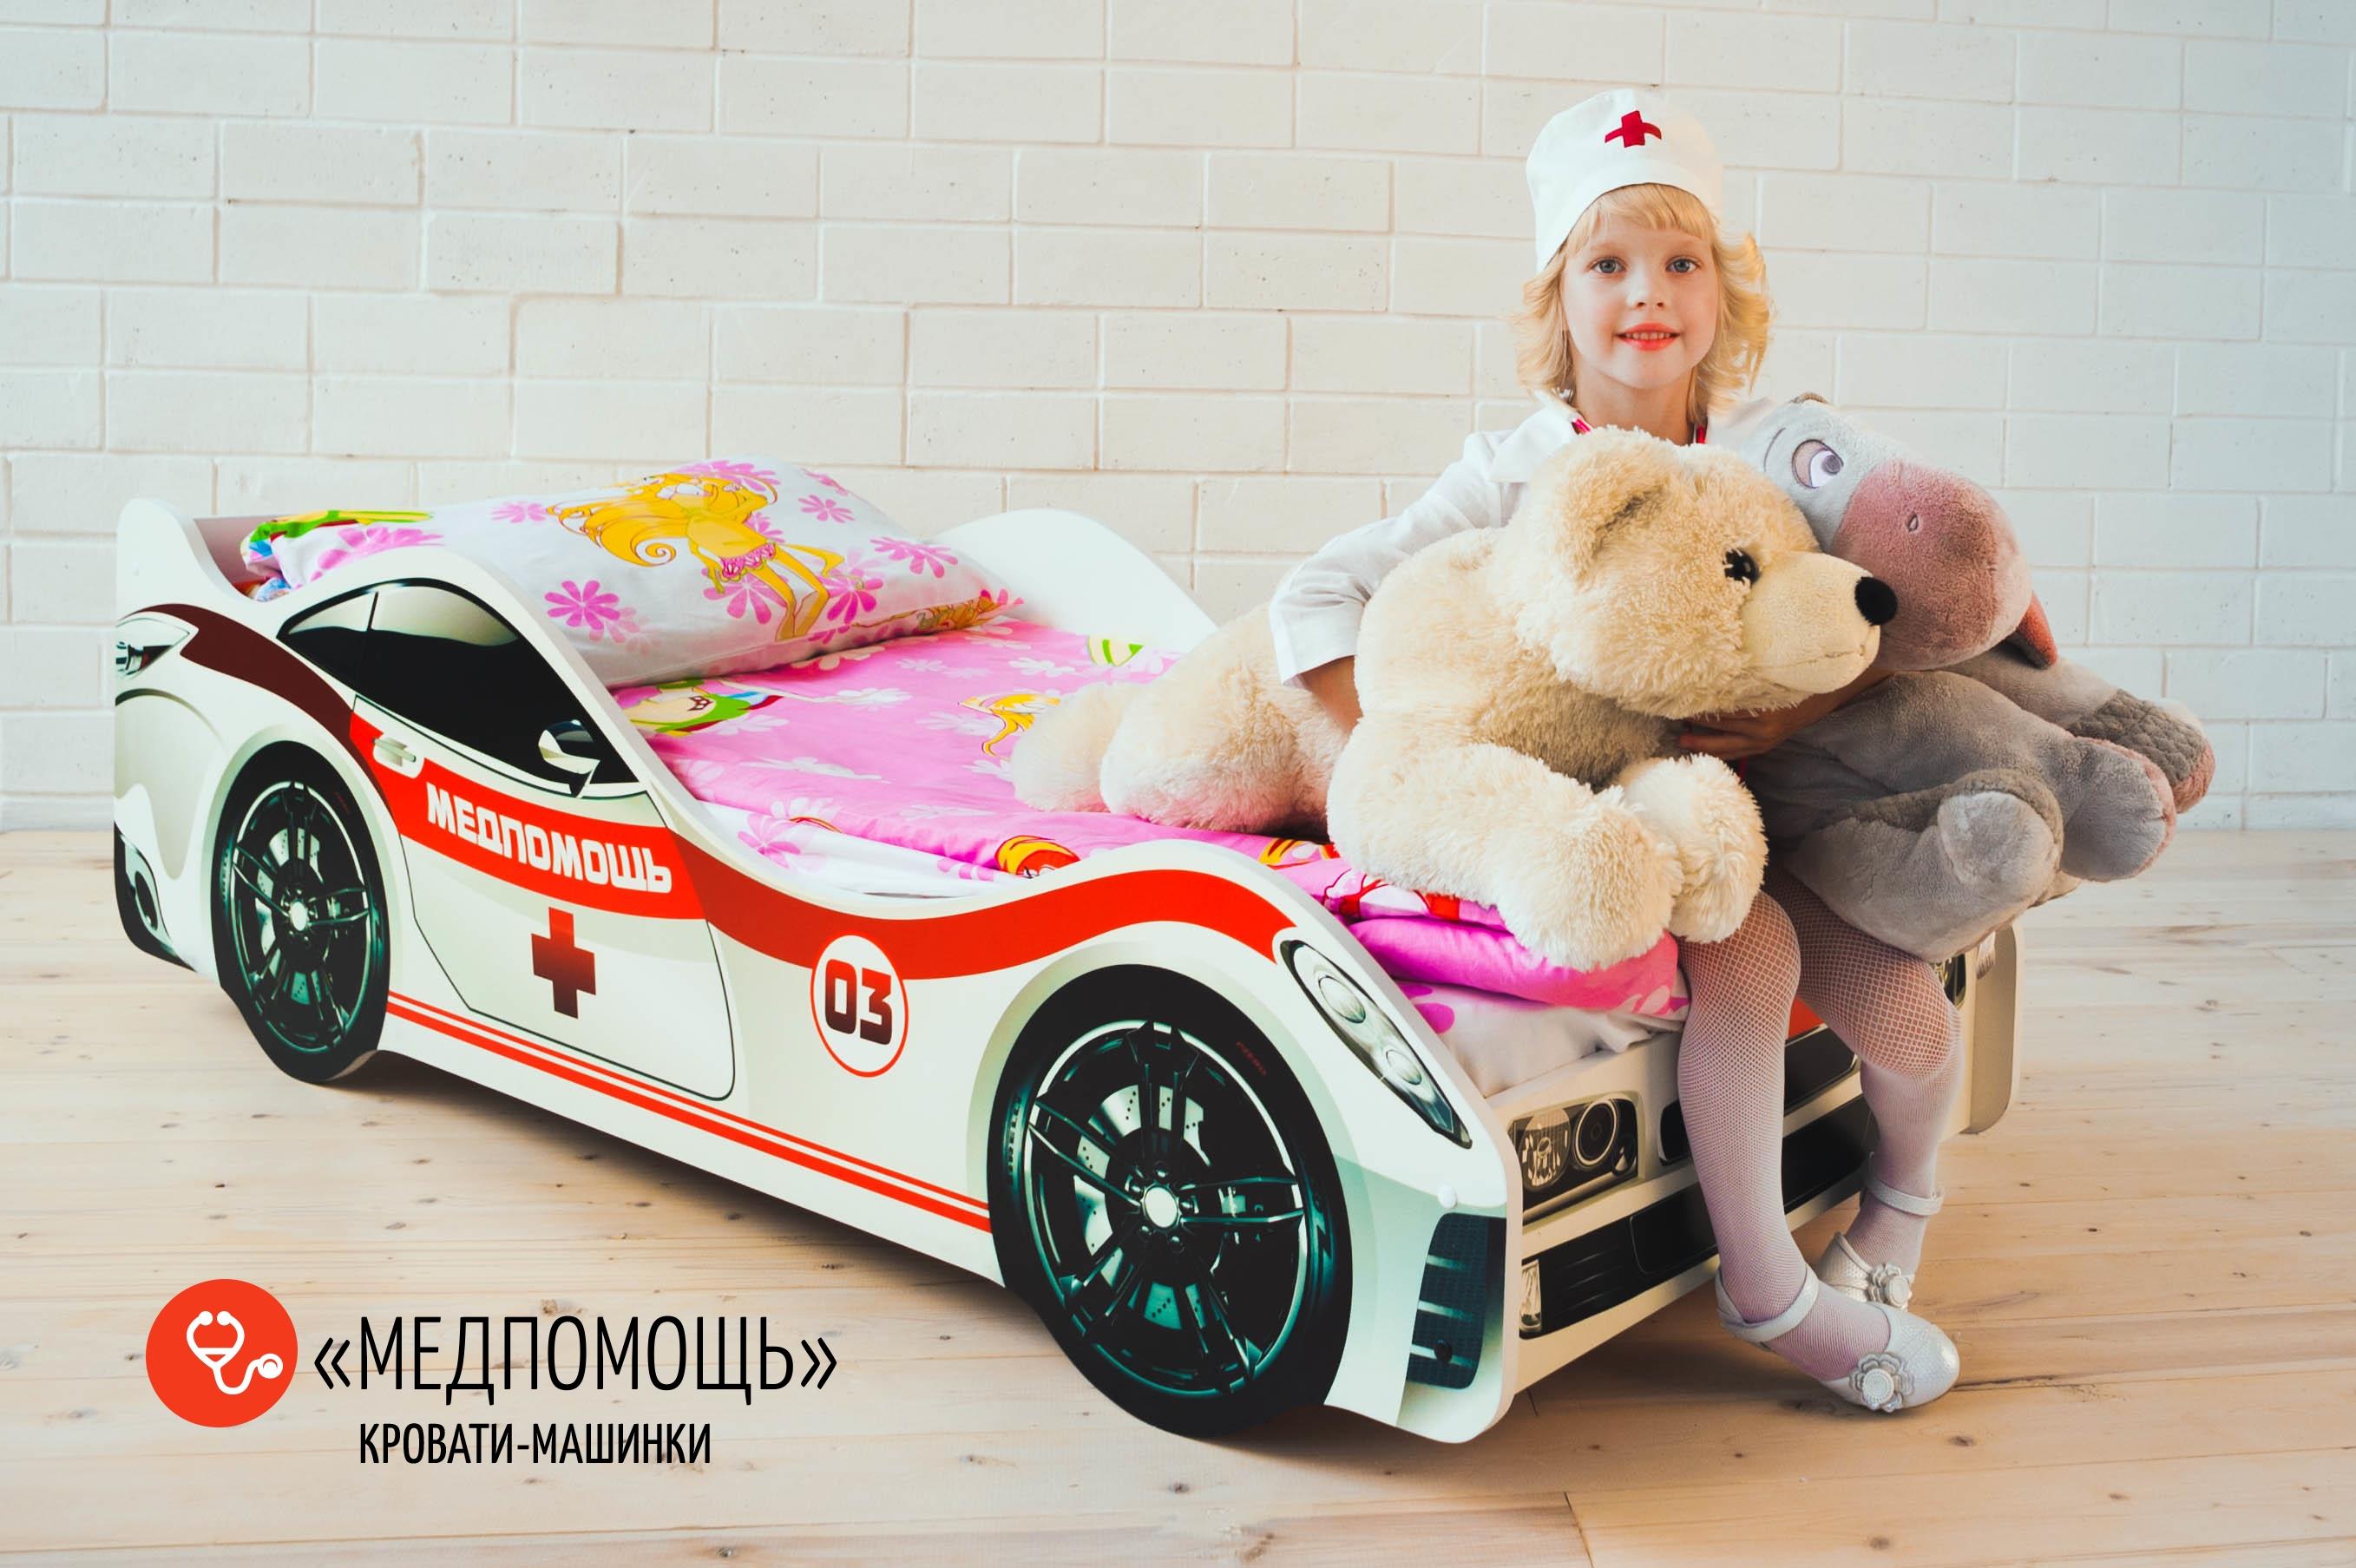 Детская кровать-машина -Медпомощь-8